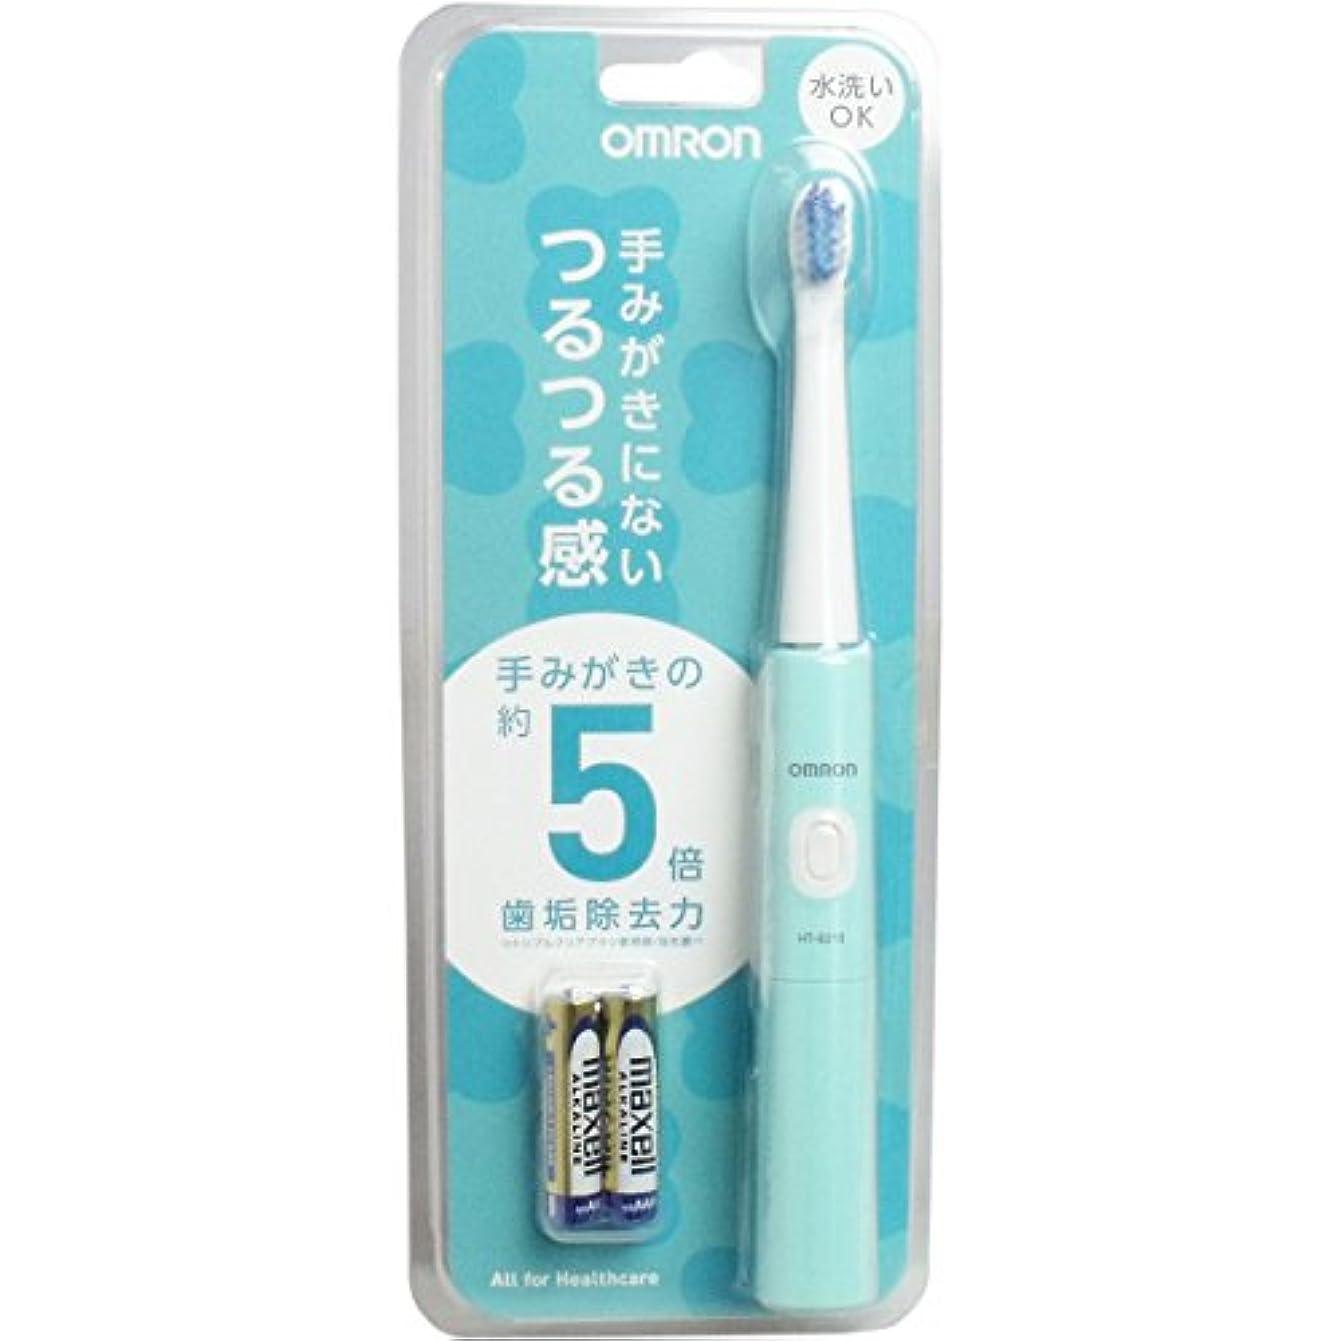 敬意を表するラインナップのみオムロンヘルスケア 音波式電動歯ブラシ ミントグリーン HT-B210-G